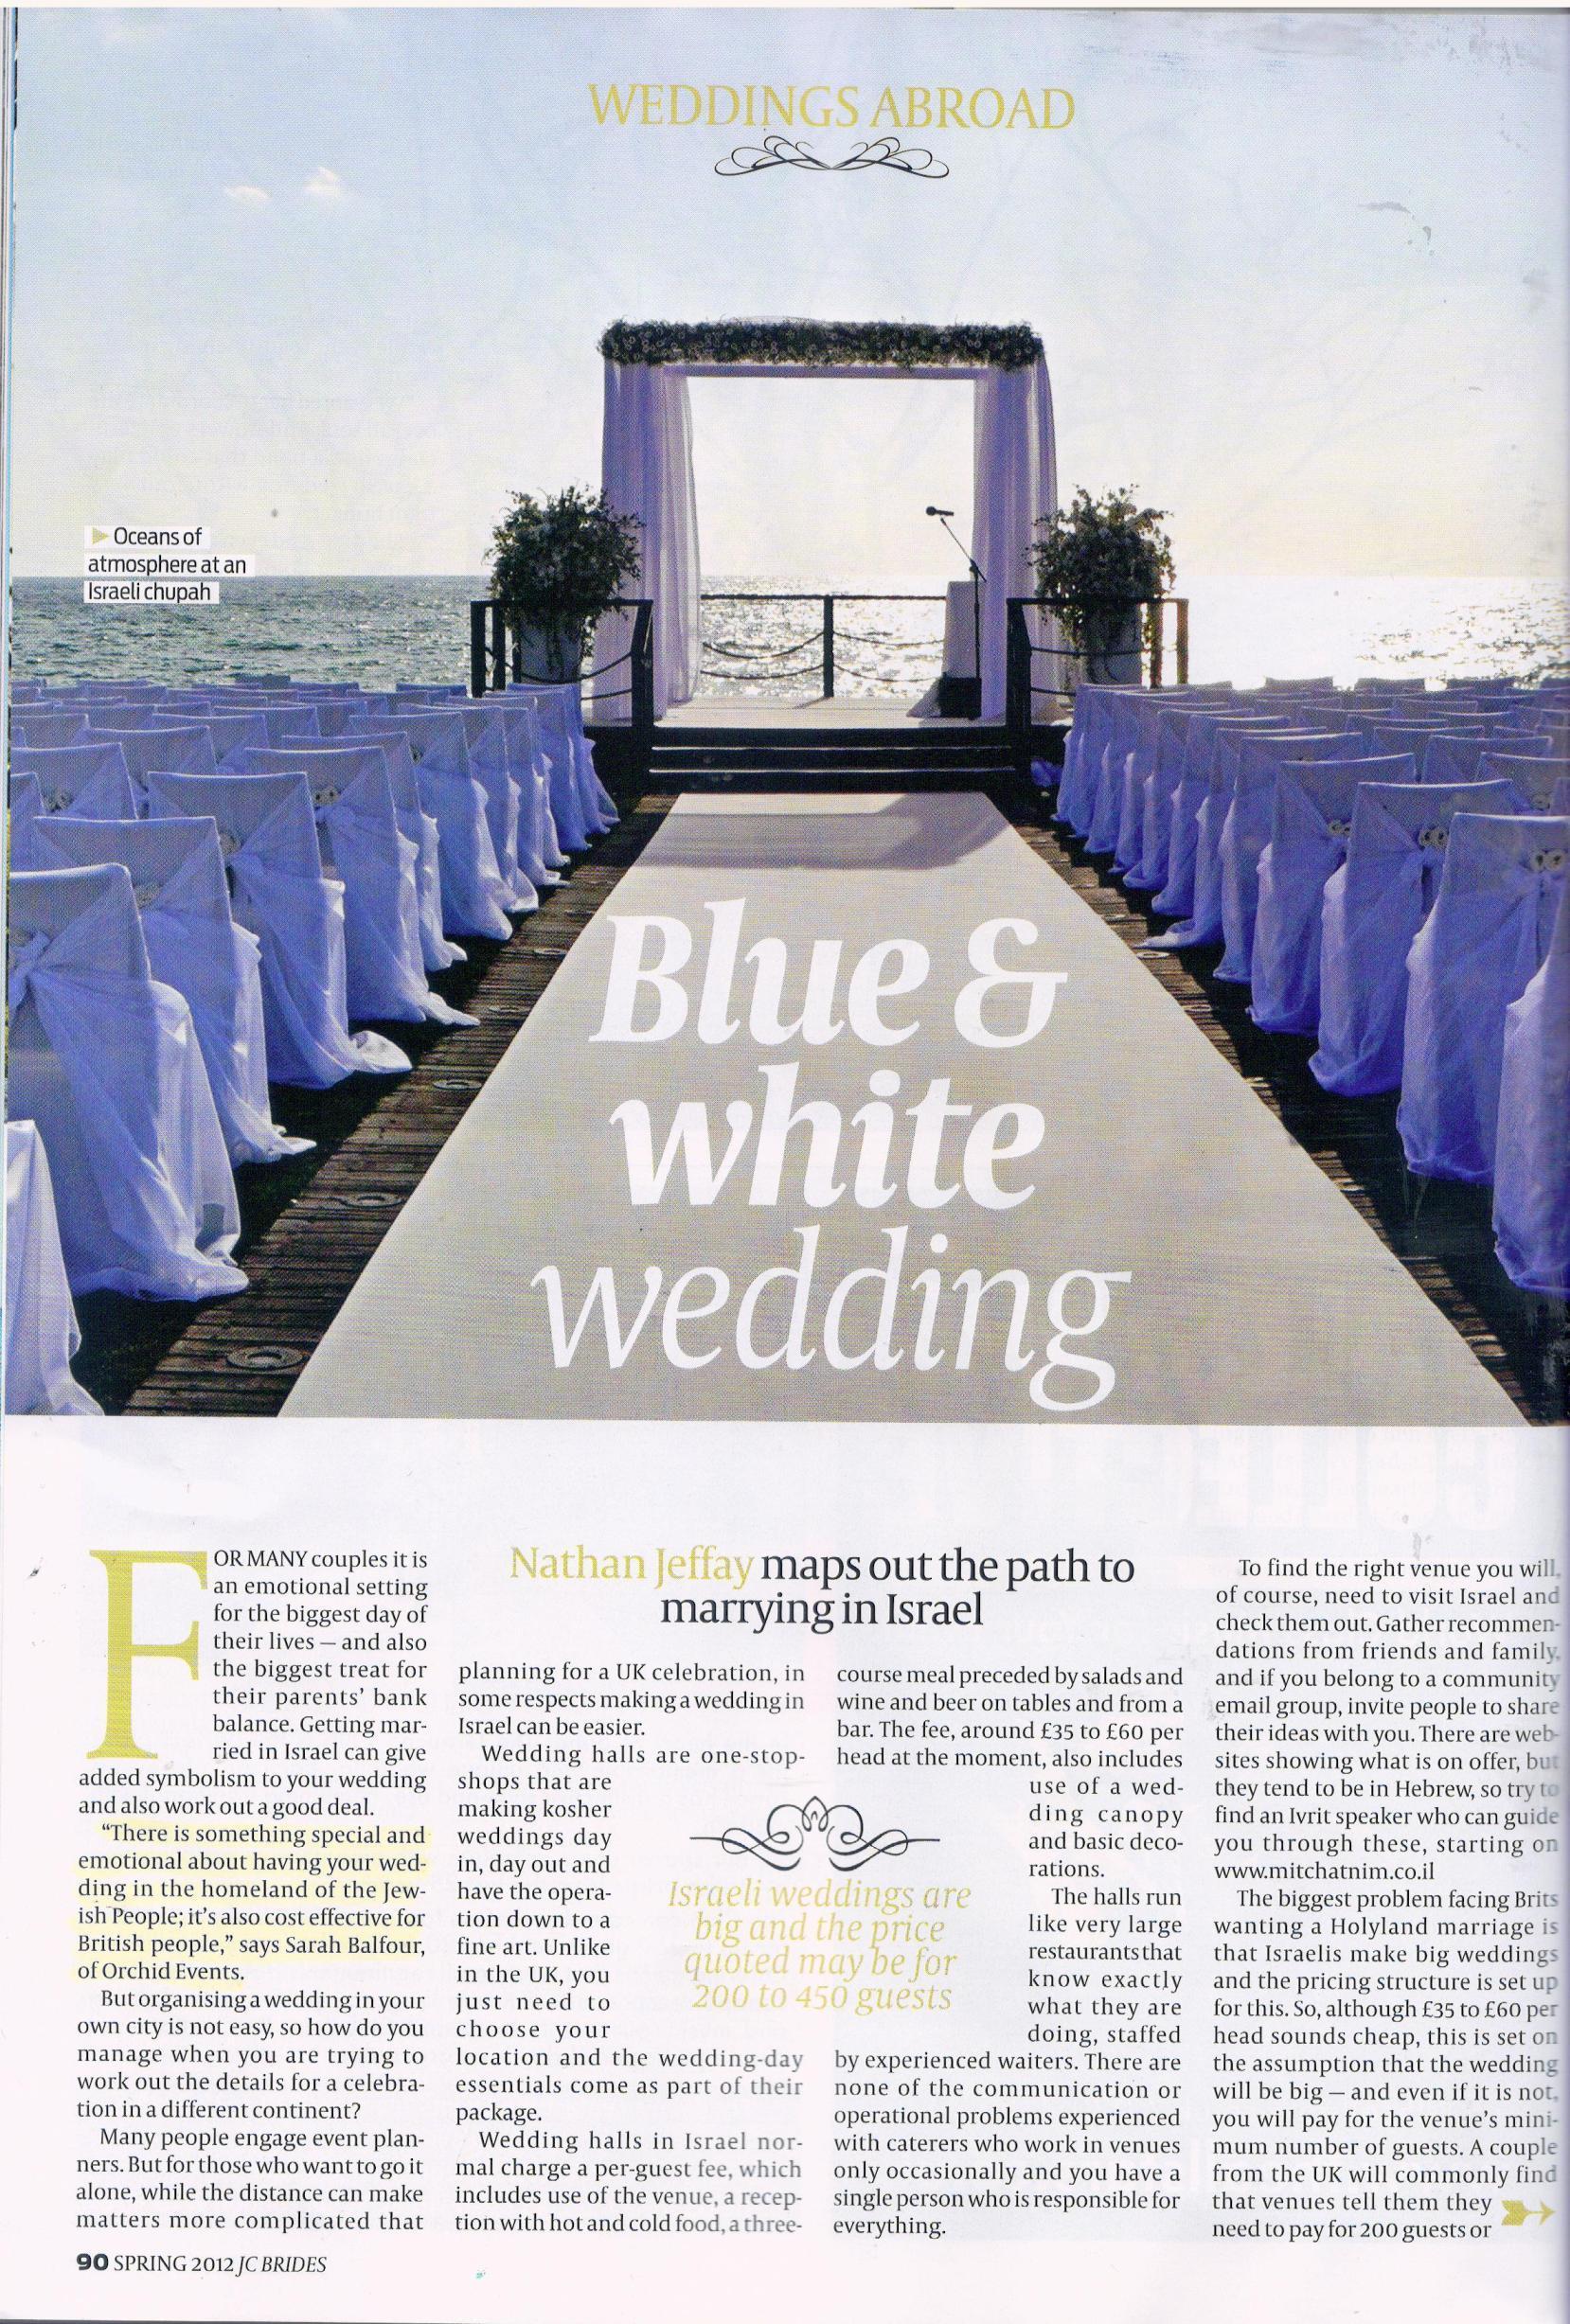 sarah balfour press wedding abroad